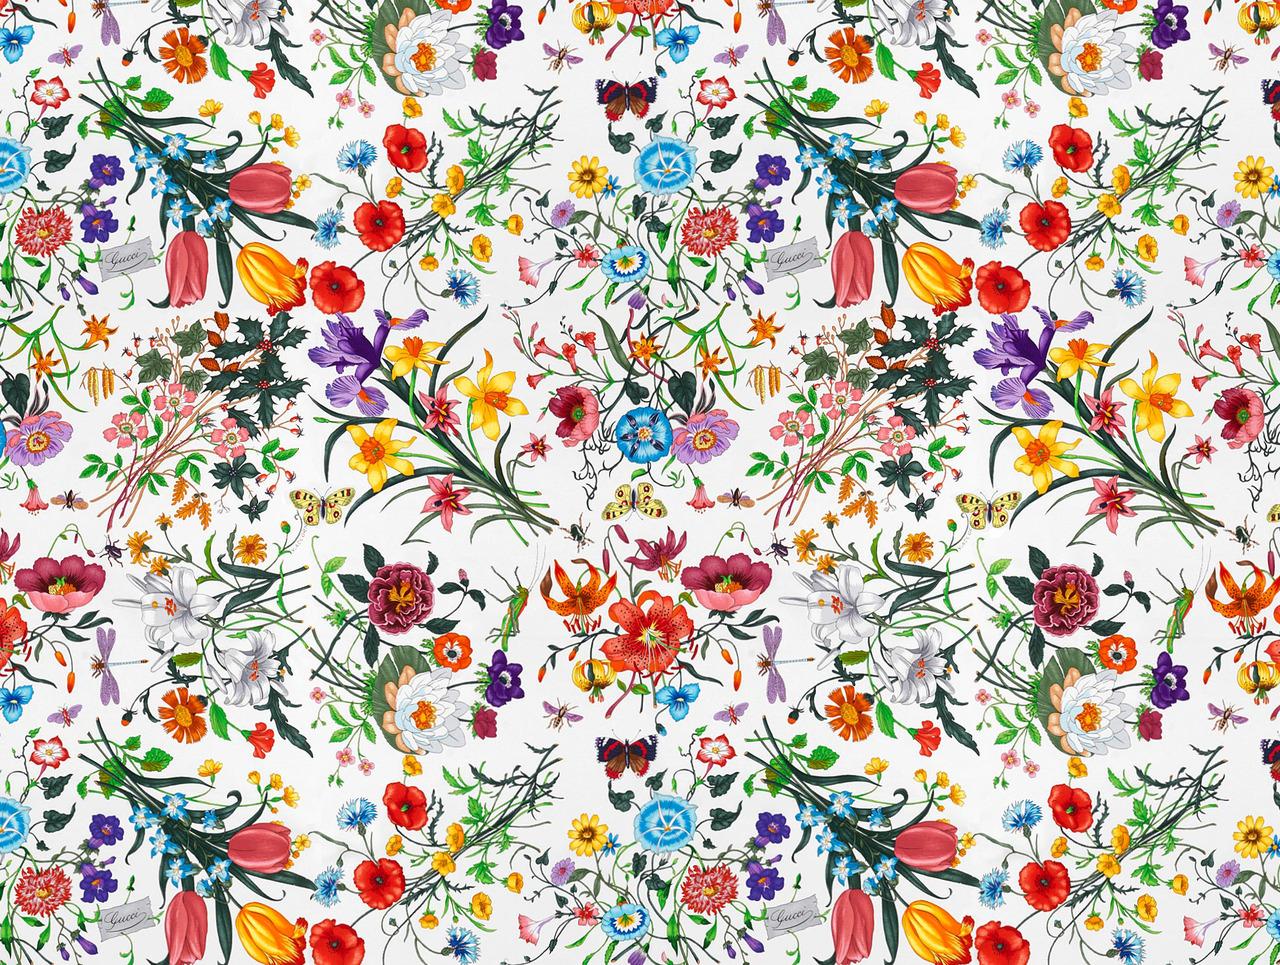 Bohemian Wallpaper Art - WallpaperSafari